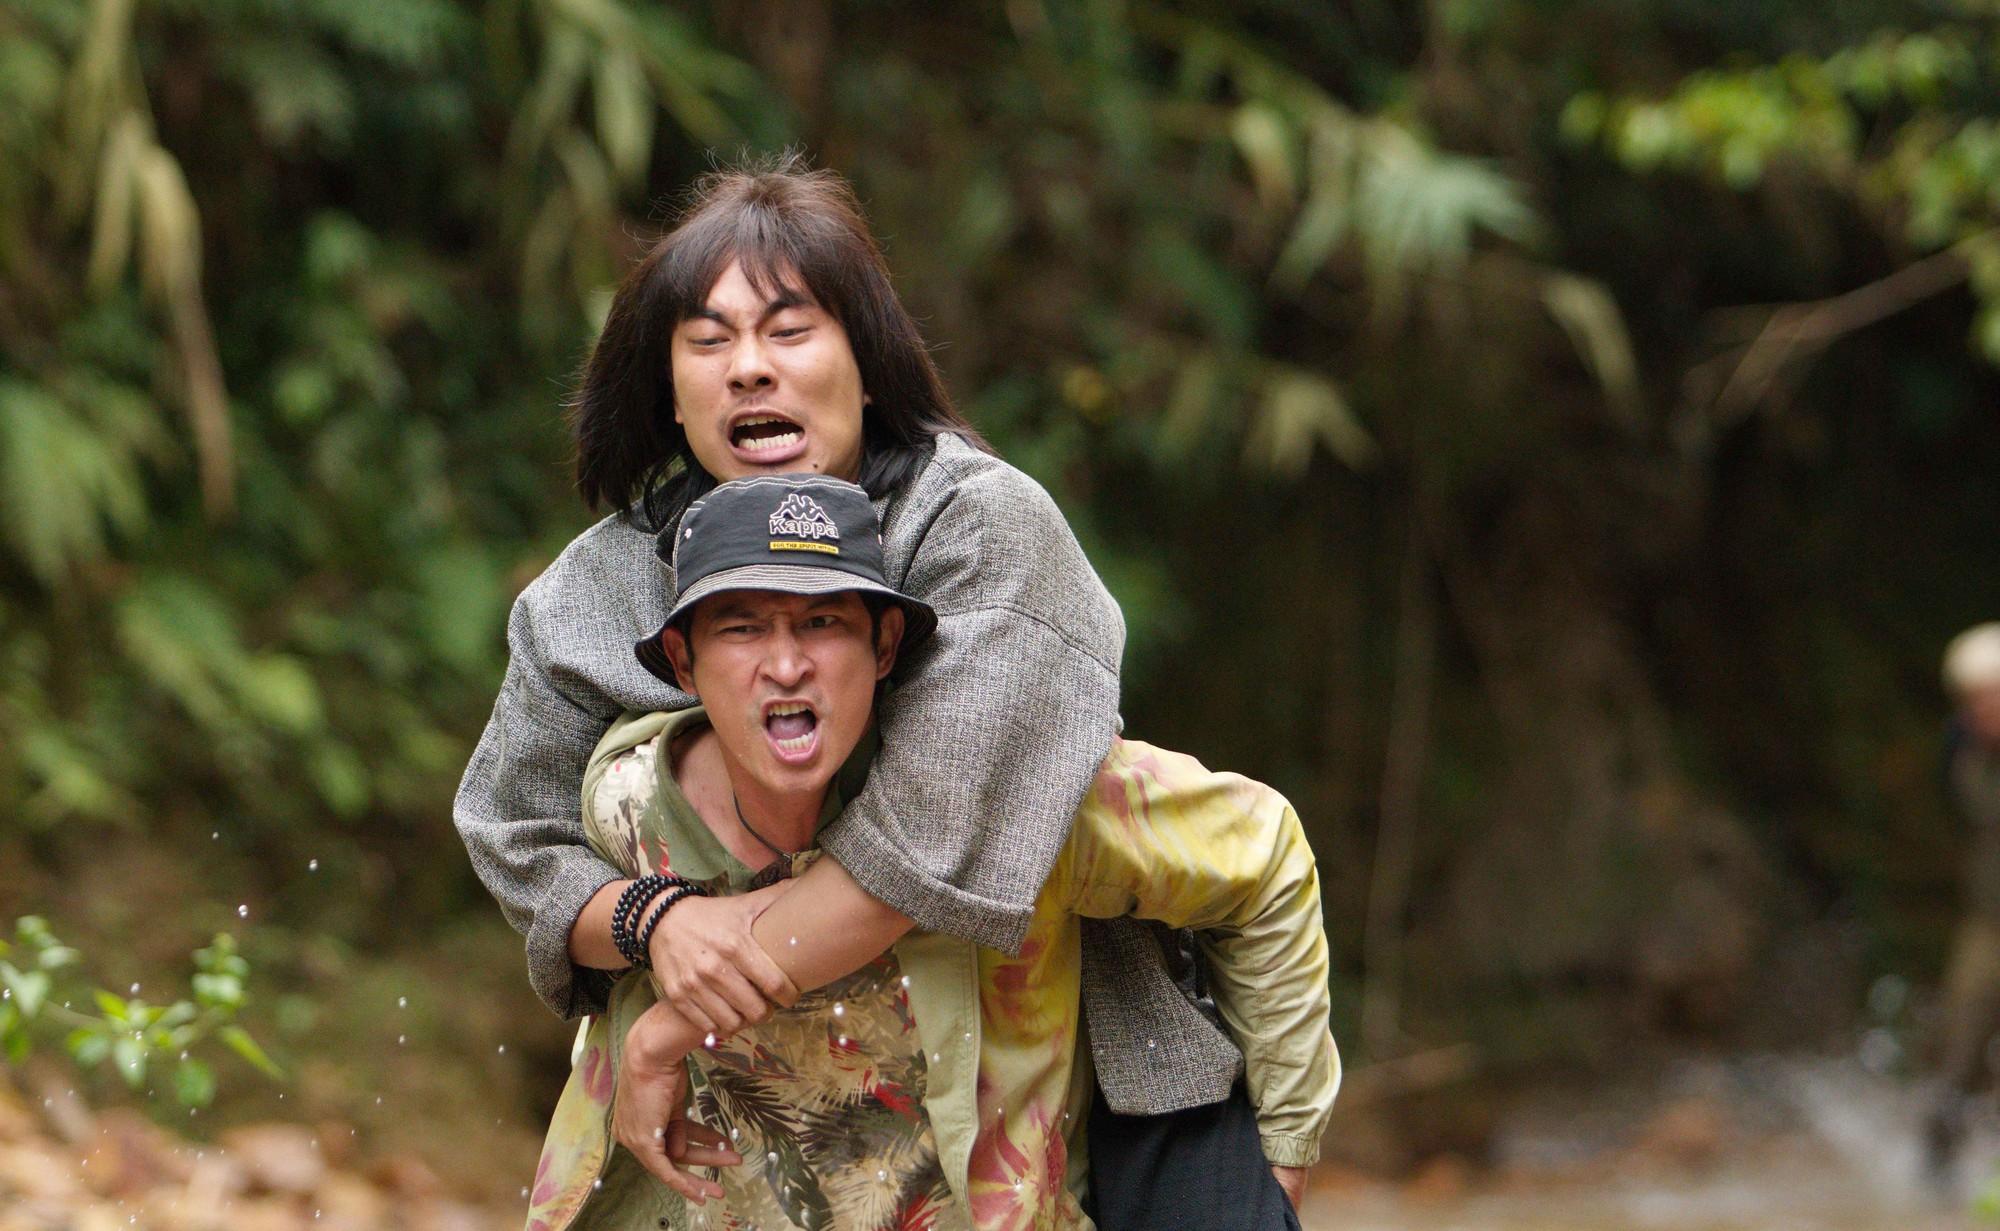 """Đại chiến phim Việt nửa cuối tháng 4: Phim """"lầy"""" đối đầu phim """"sến""""! - Ảnh 6."""